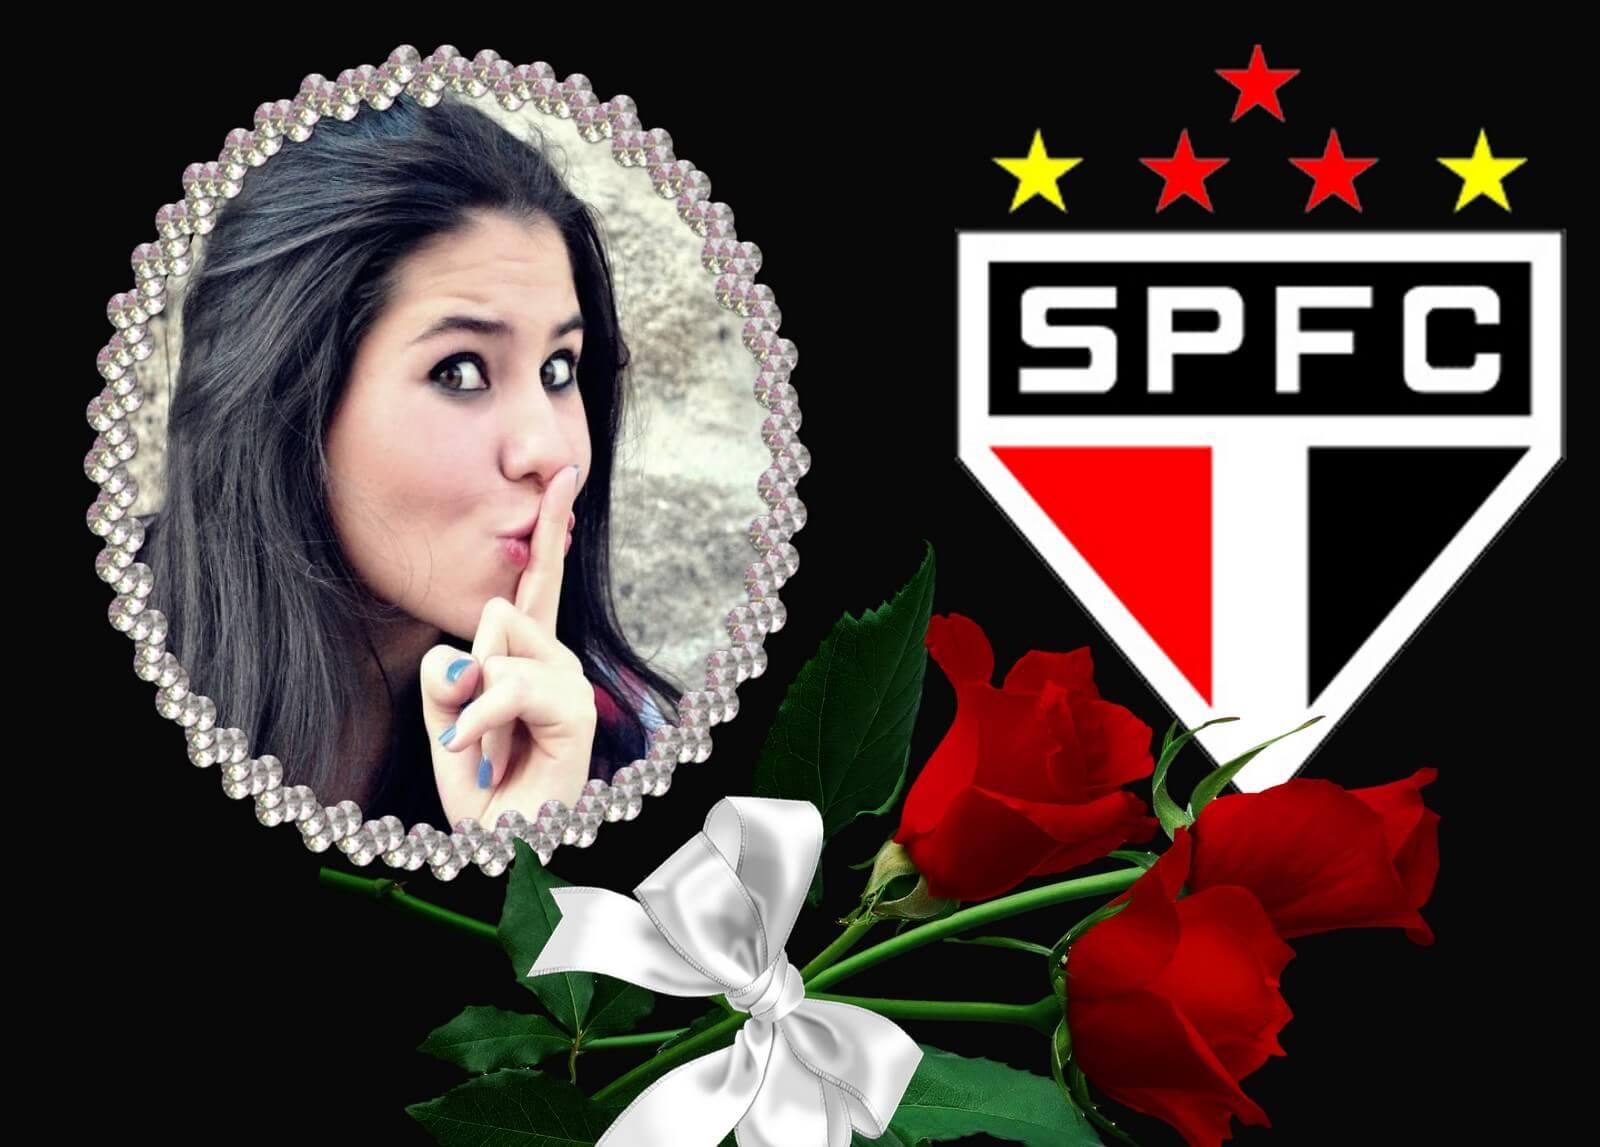 spfc-moldura-time-de-futebol